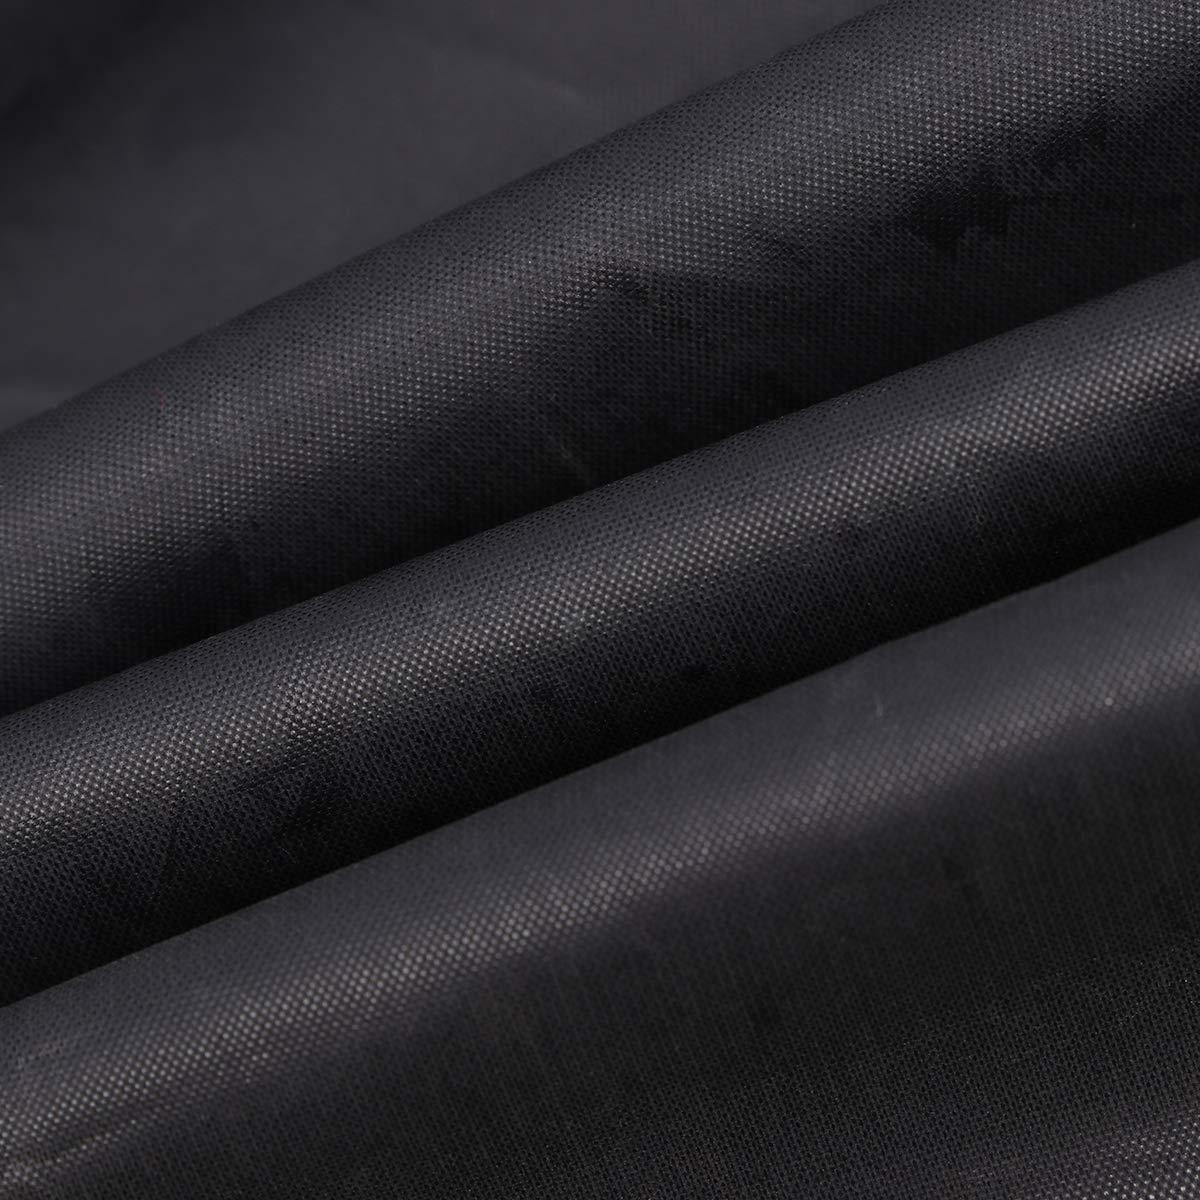 WINOMO 2pcs Coprisedile da auto nylon impermeabile universale auto veicolo Van Seggiolino Coperchio Protezione Nero